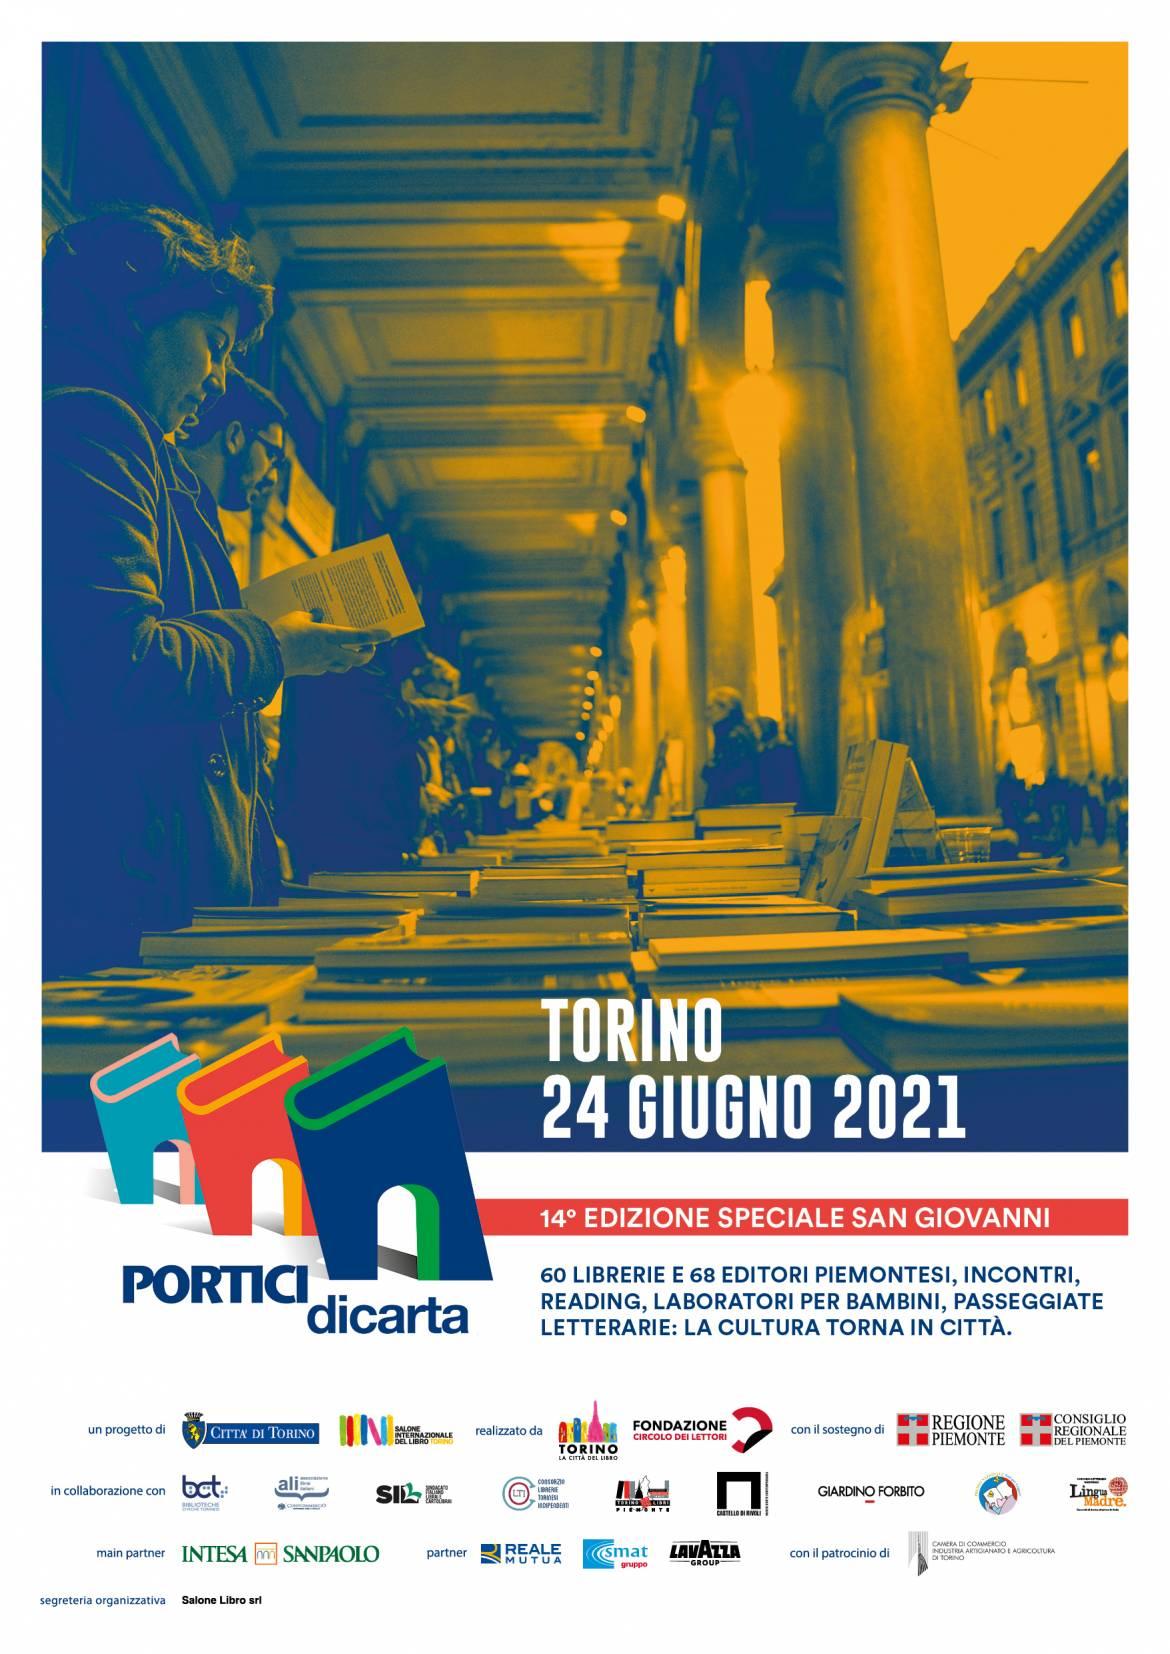 PORTICI-DI-CARTA2021_locandina_297x42cm.jpg